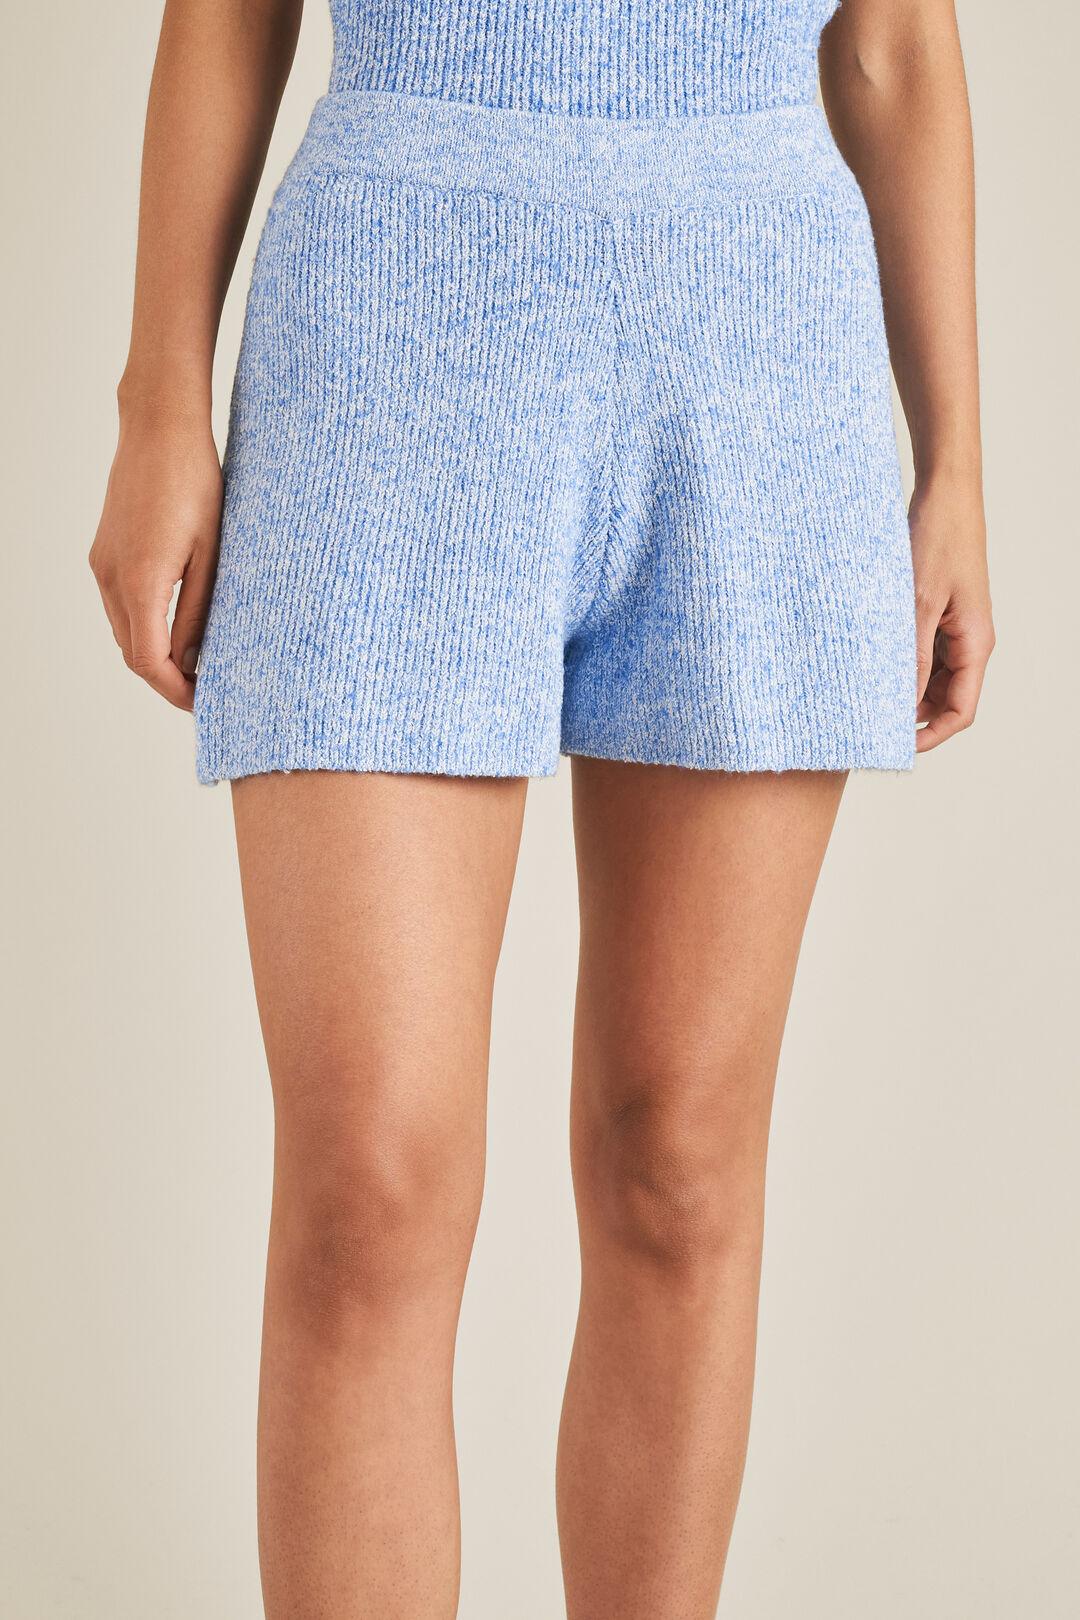 Boucle Knit Short  AZURE BOUCLE  hi-res